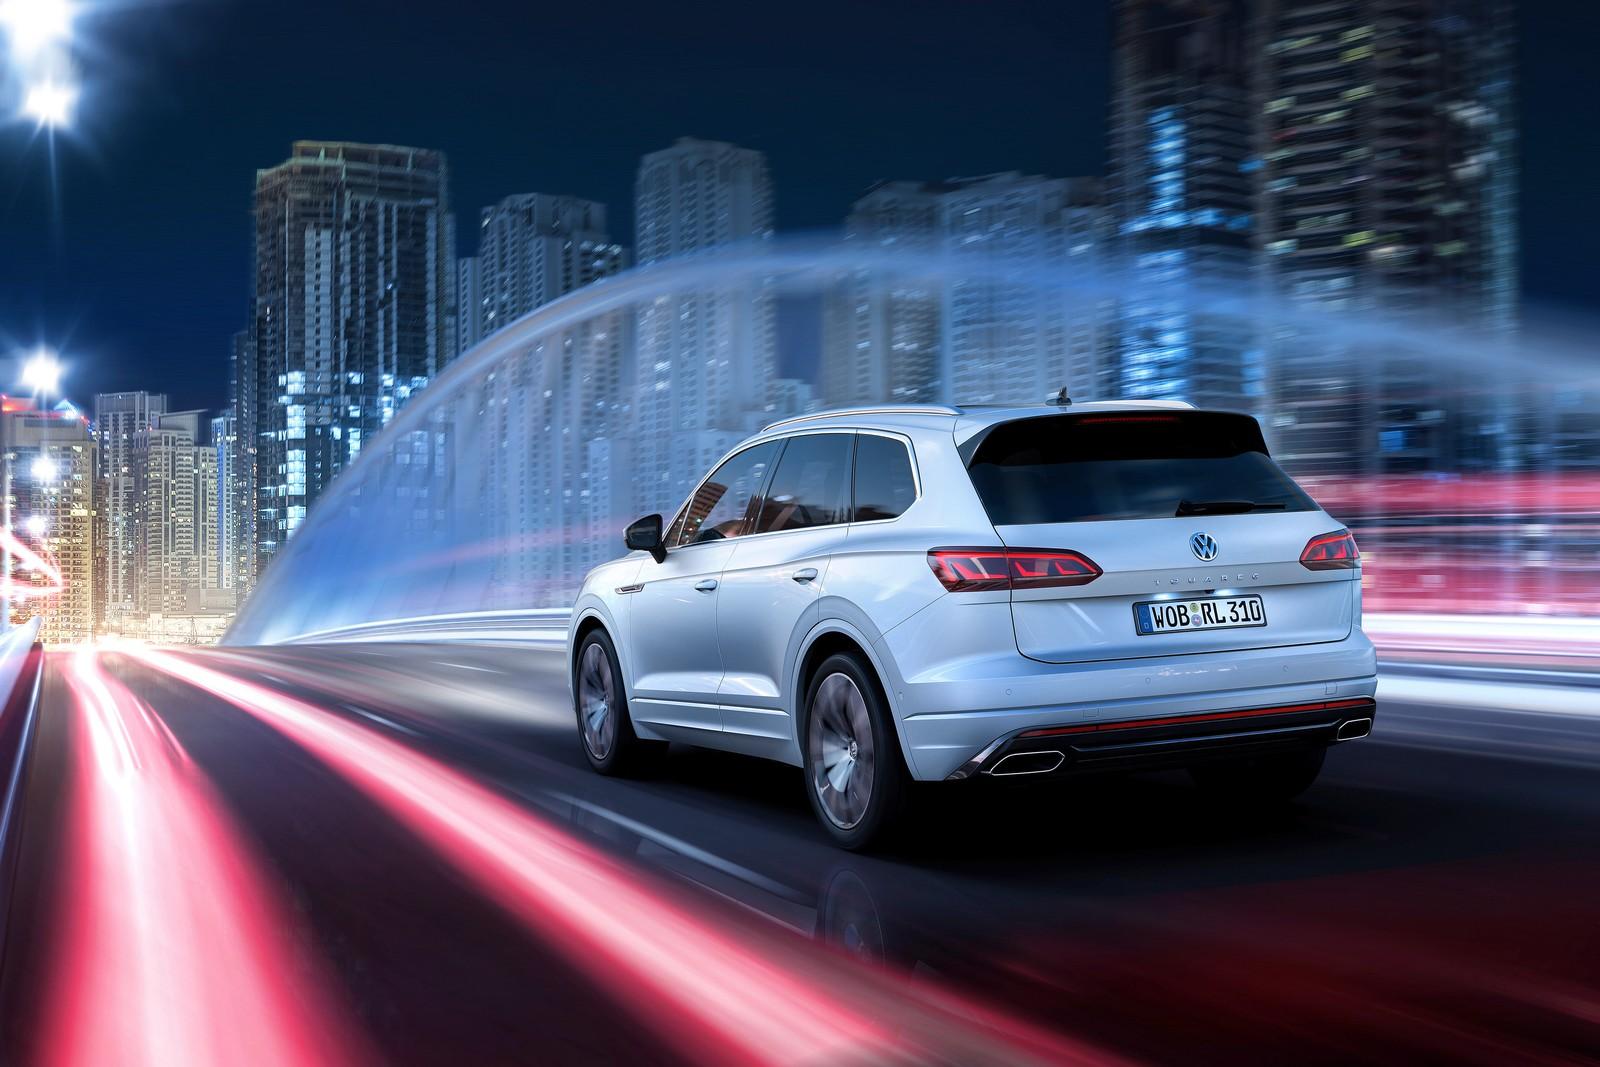 Vw Touareg 3 Generation Das Volkswagen Suv Ist Gewachsen Und Kommt